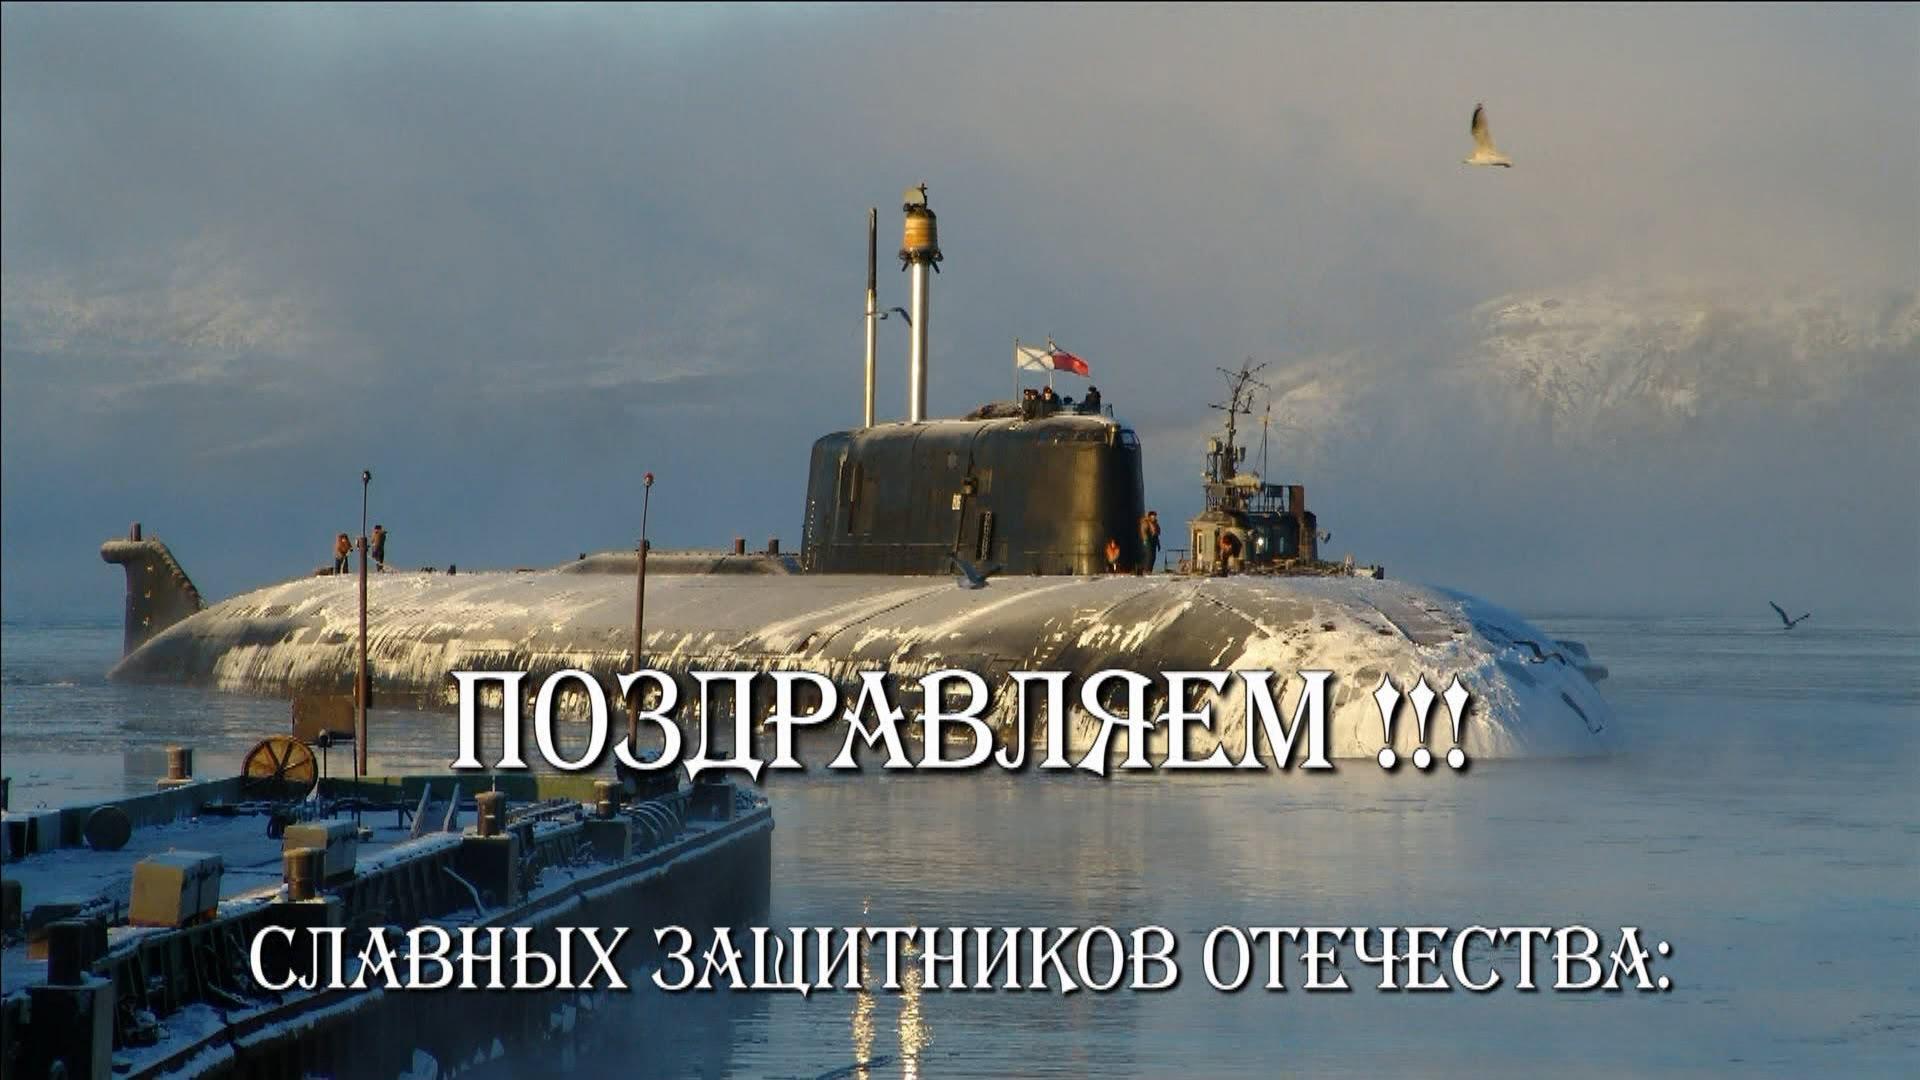 23 февраля подводная лодка